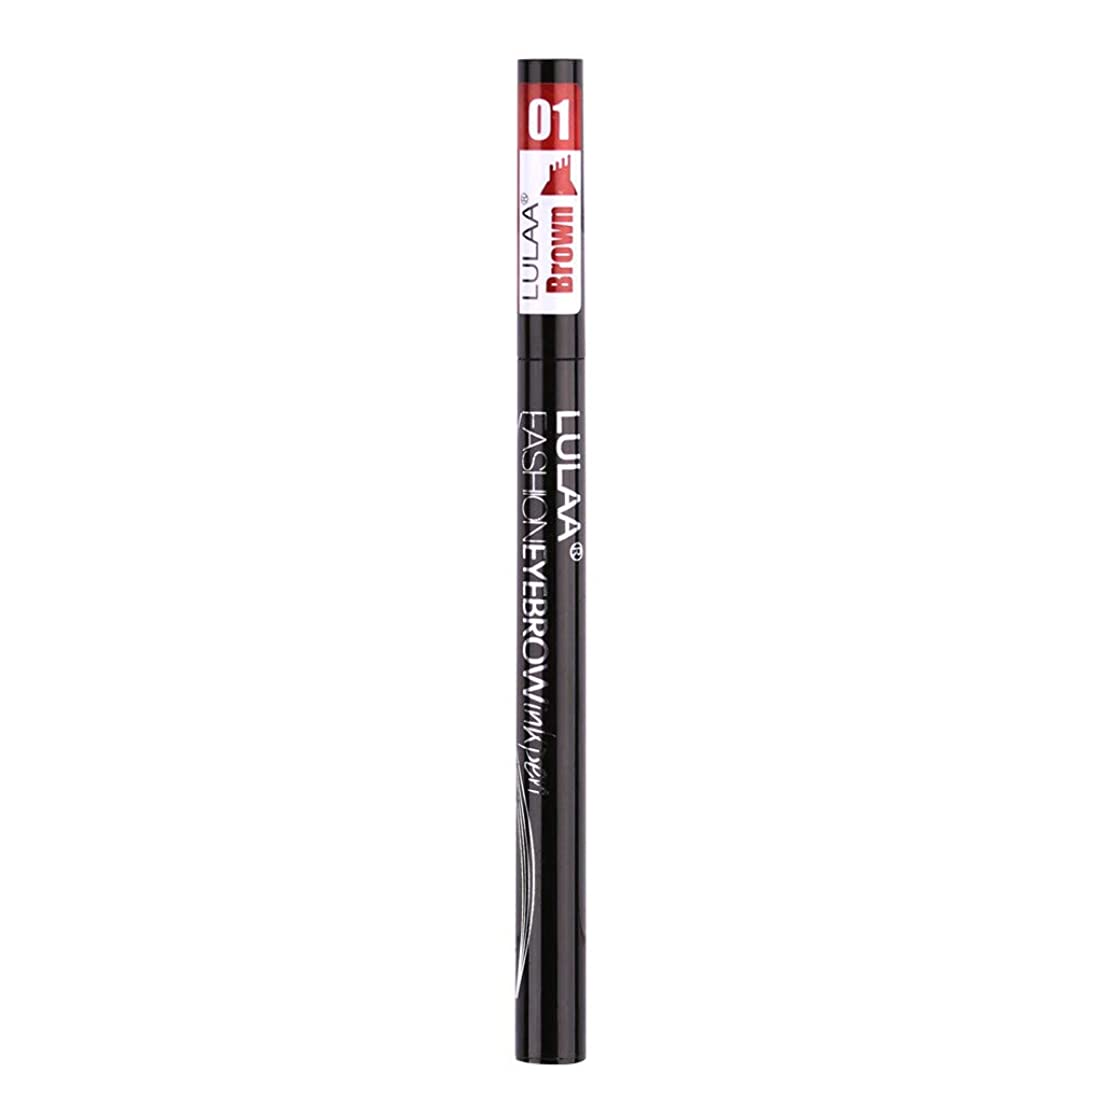 忘れられないコンセンサス不条理着色すること容易な咲かない永続的な液体の眉毛の鉛筆